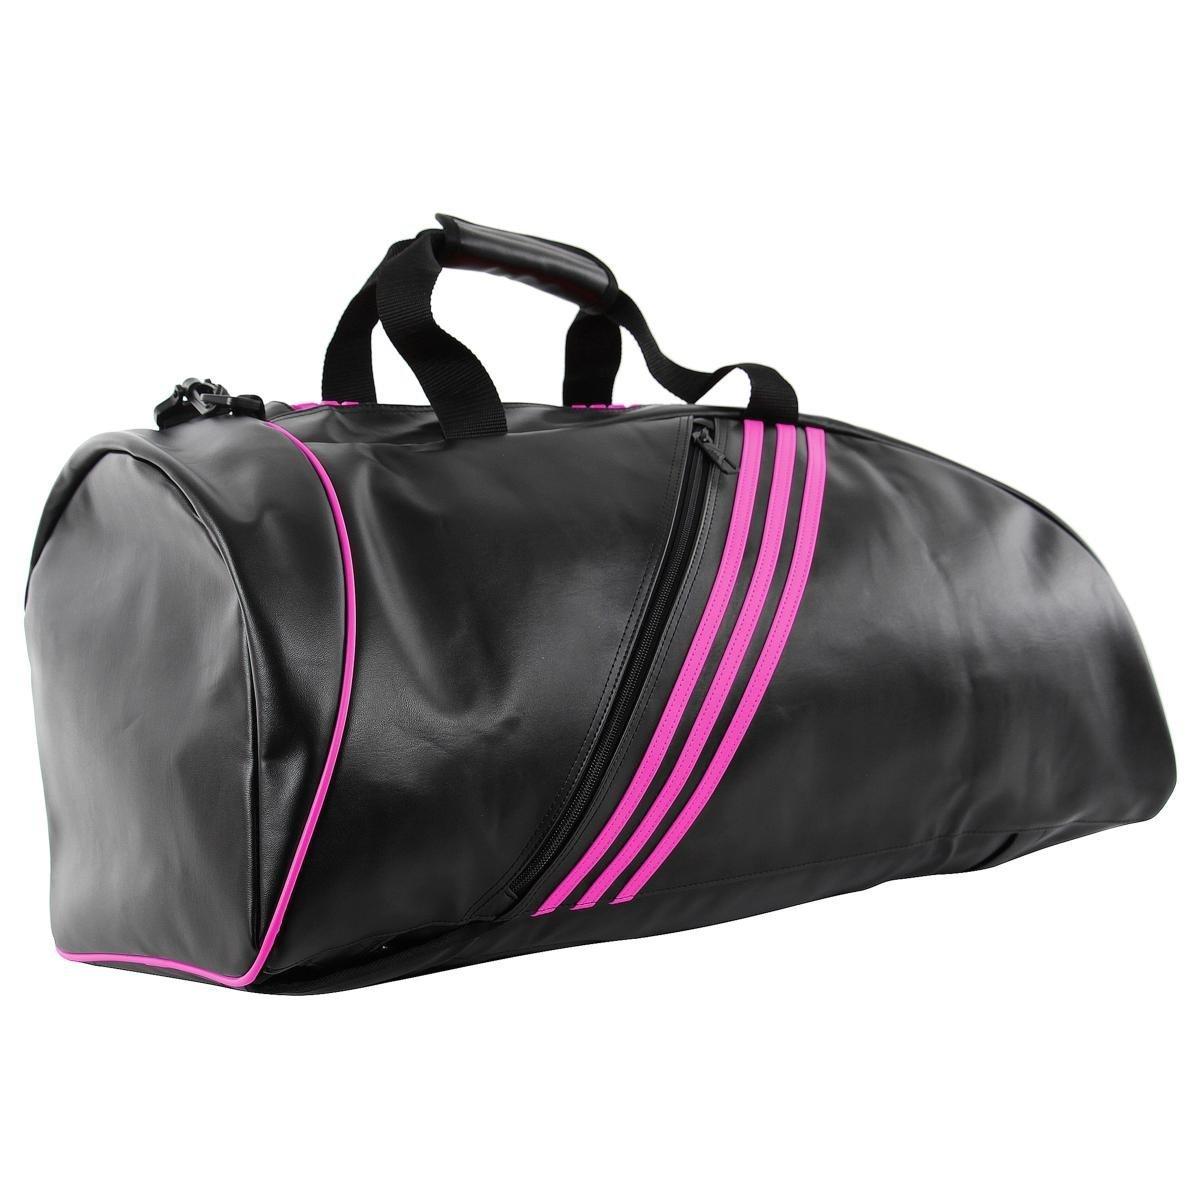 adidas Adiacc051 C - Bolsa de Deporte para Hombre, Color Negro/Rosa, tamaño Talla L: Amazon.es: Deportes y aire libre